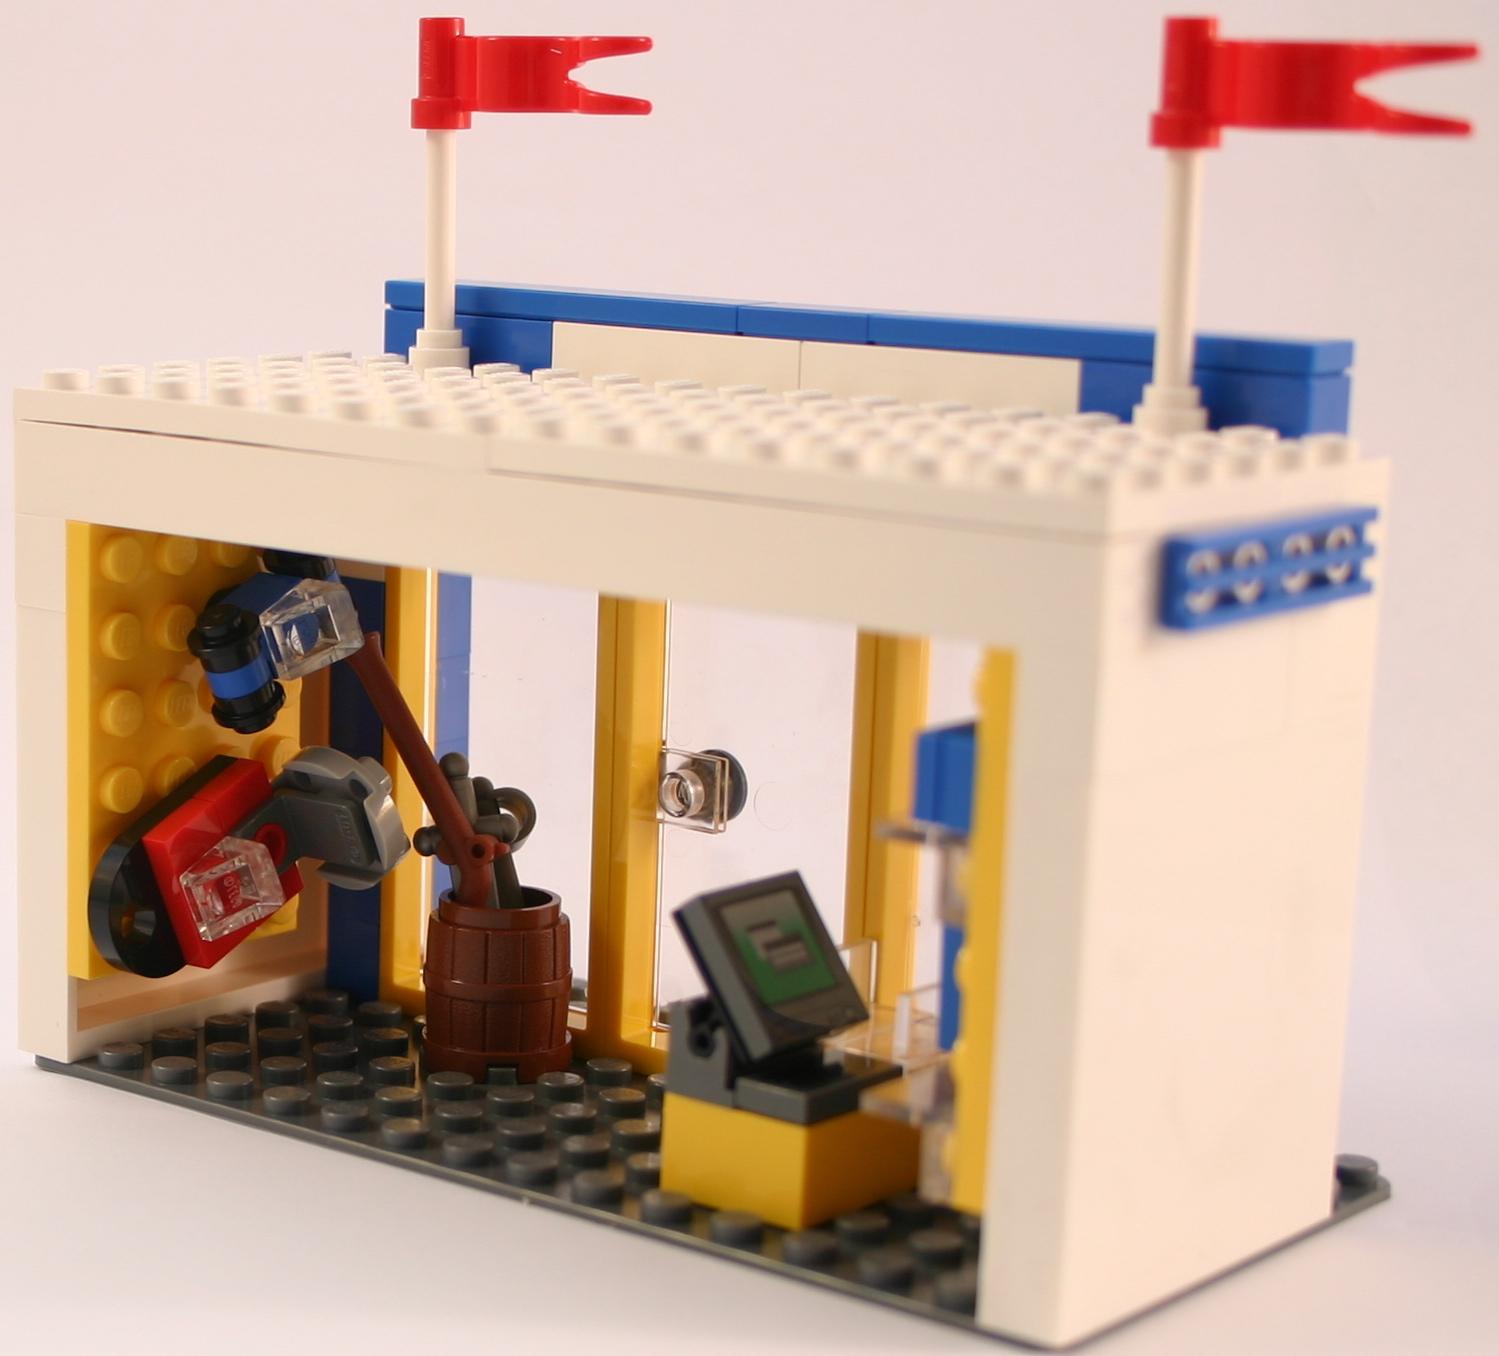 Image spielzeug regal g brickipedia the lego wiki